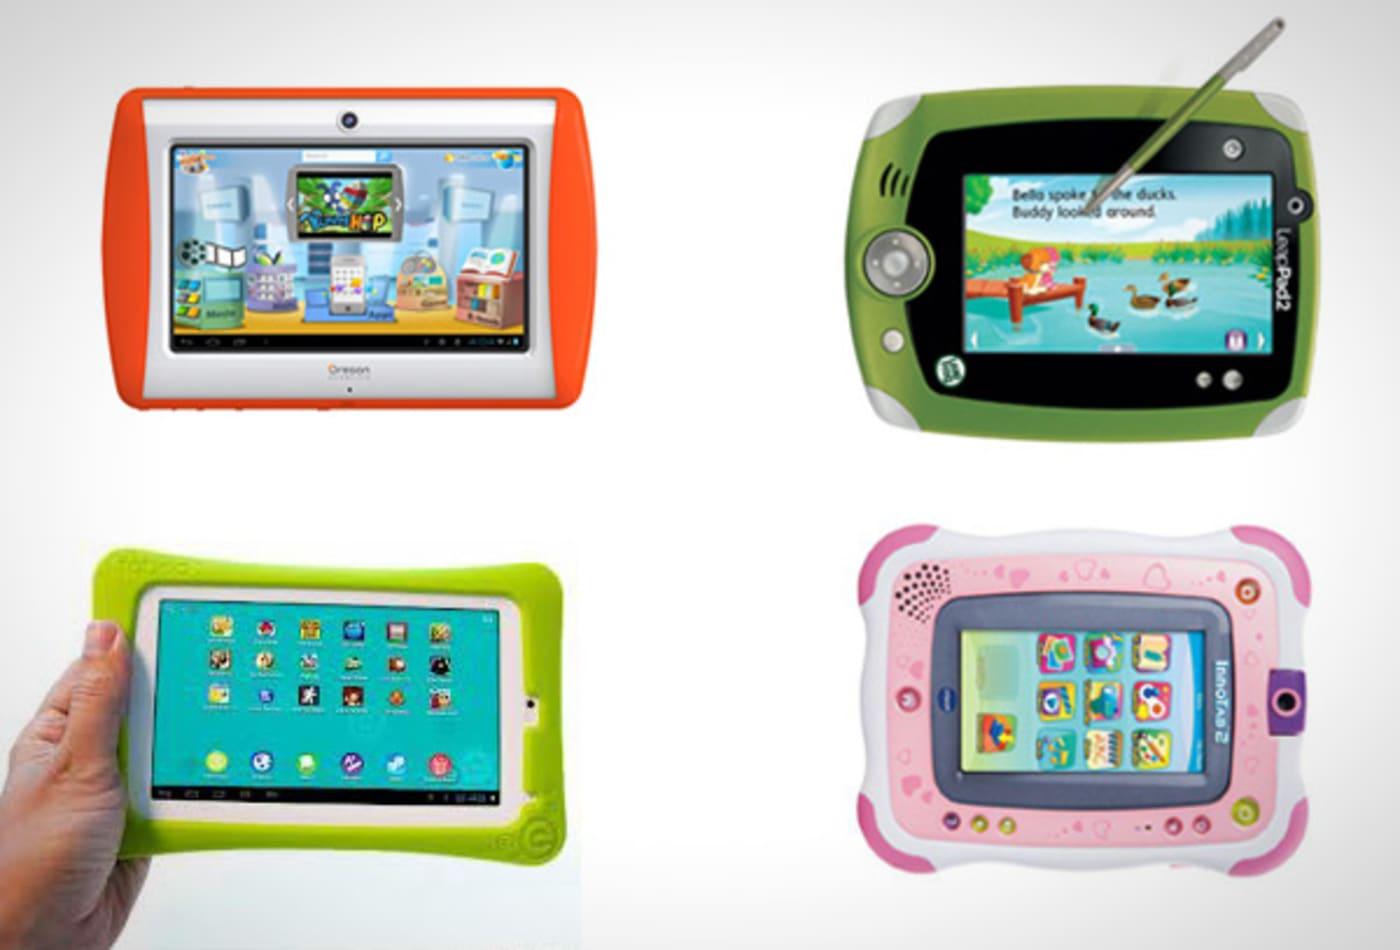 hot-toys-2012-tablet-wars.jpg